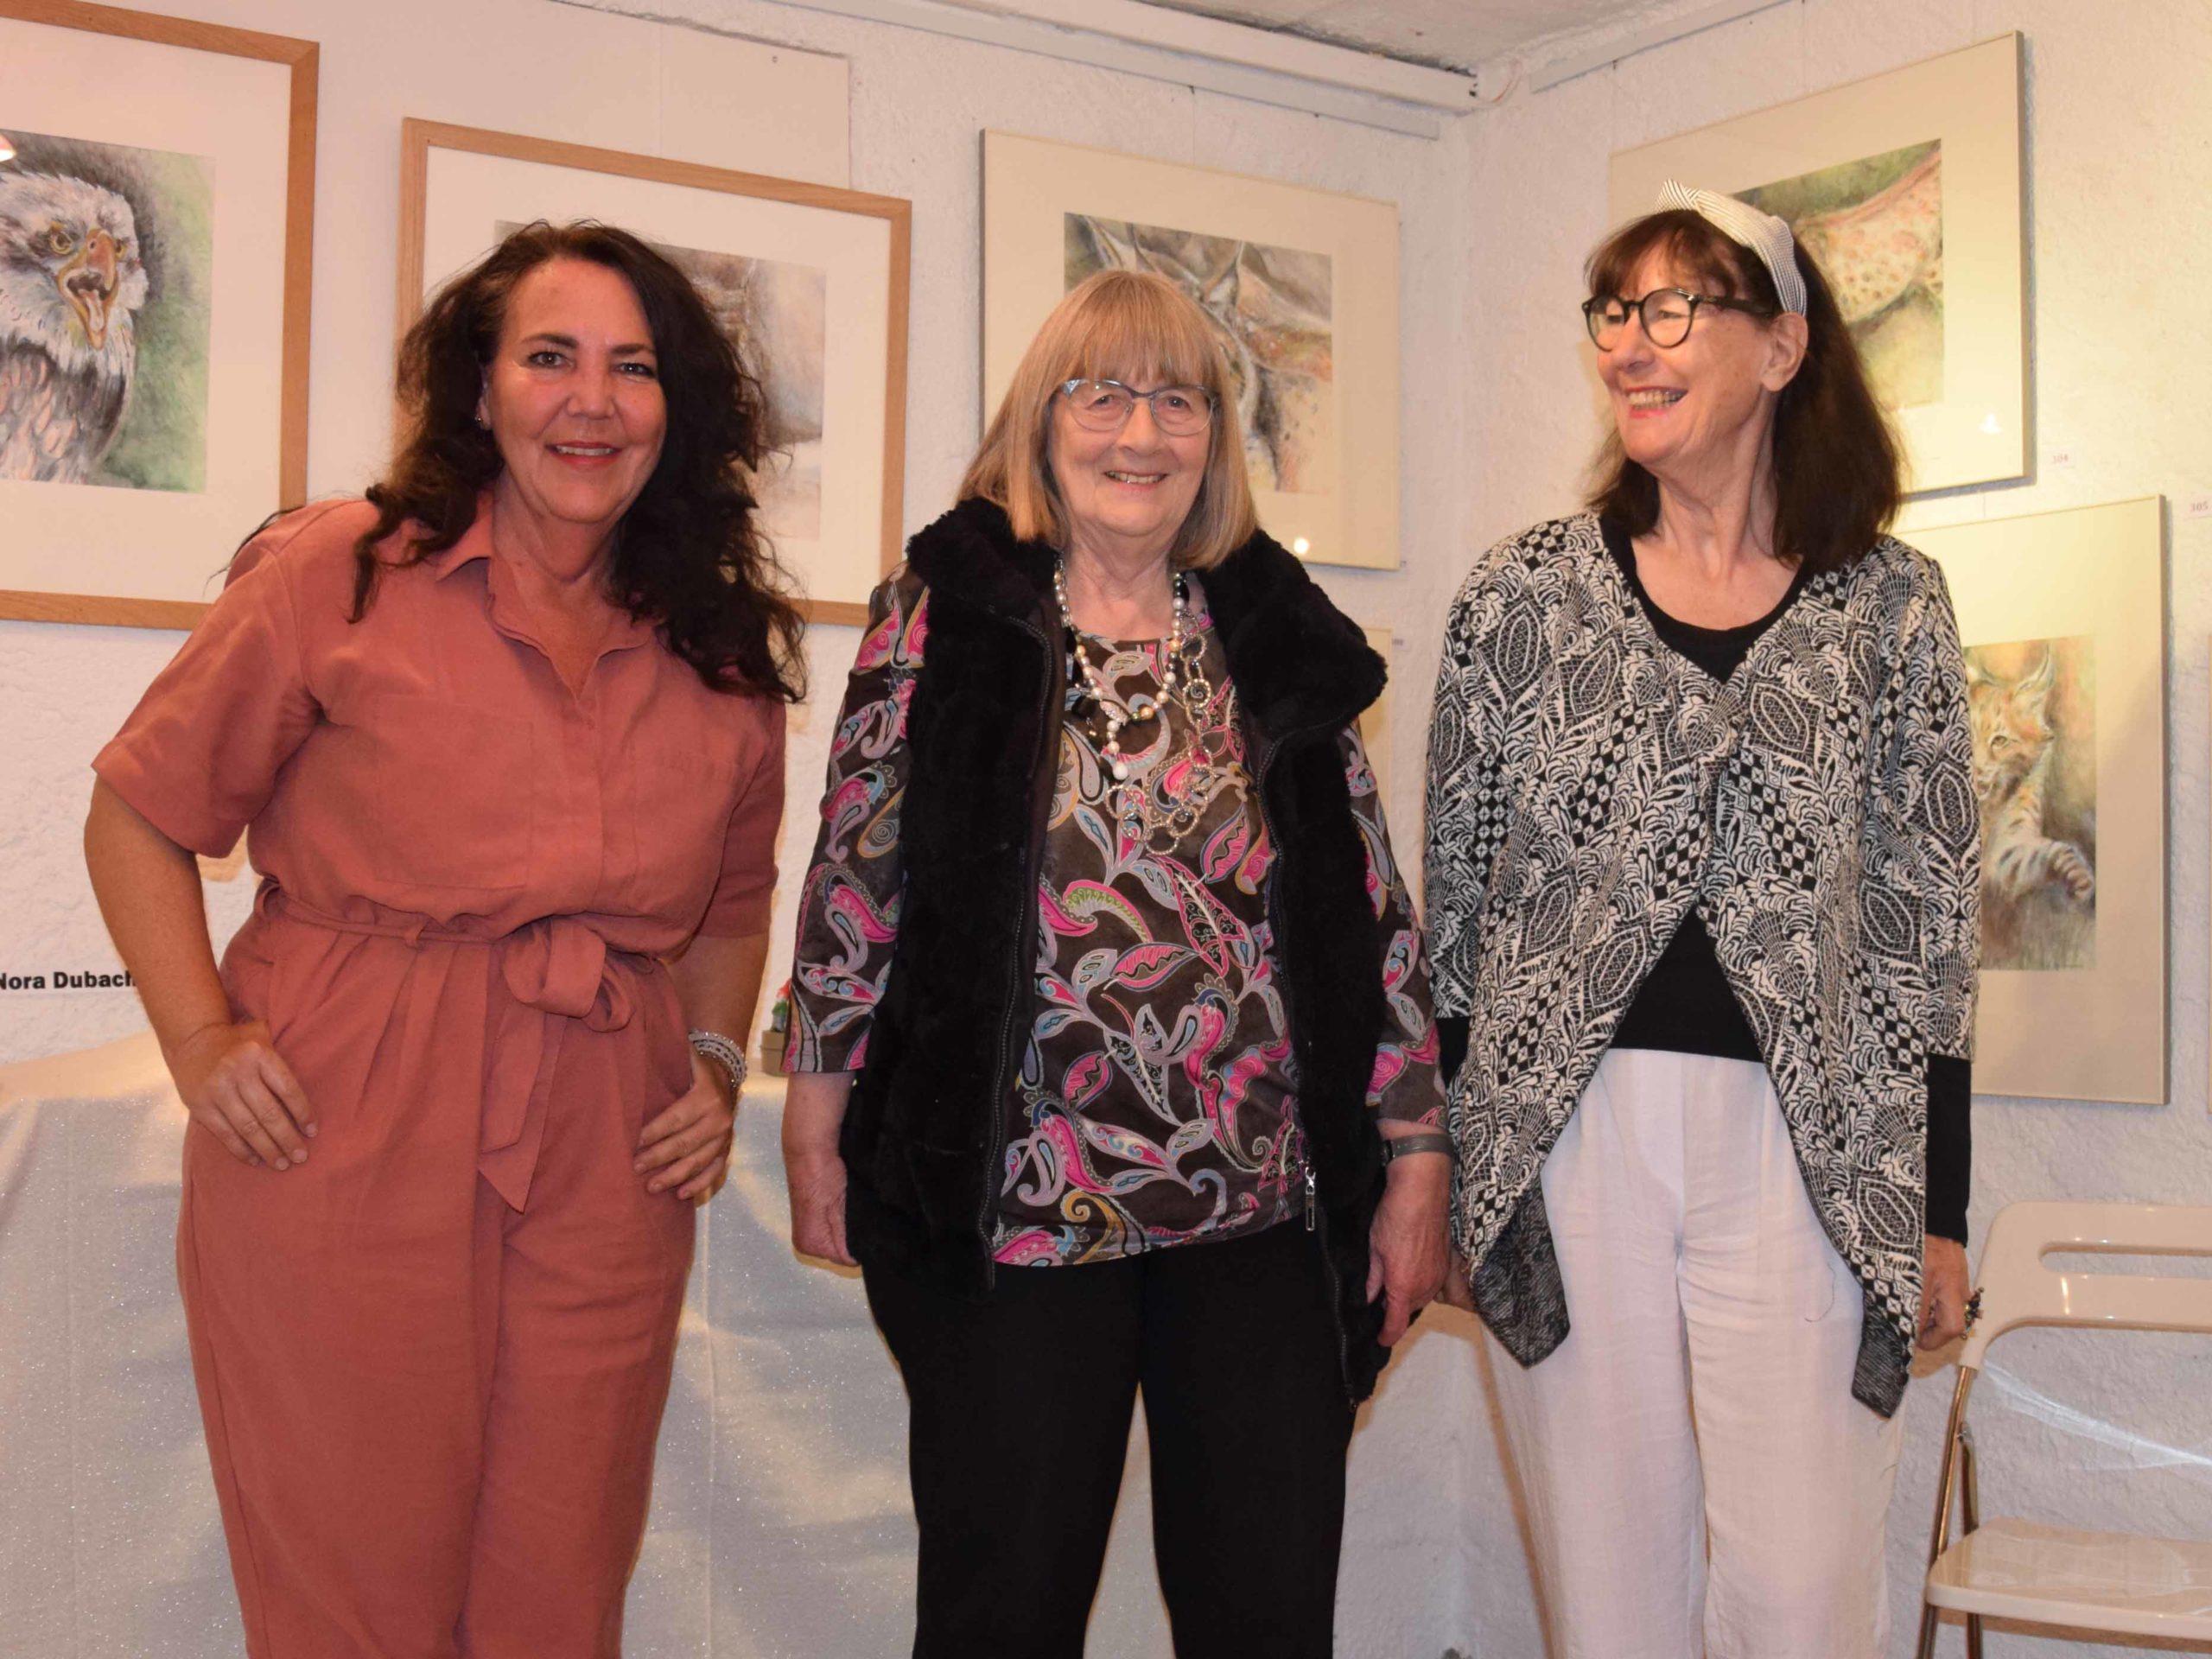 Die drei Künstlerinnen Manuela Uebelhart, Rosmarie Lendenmann und Nora Dubach (v.l.n.r.) schauen lächelnd auf die letzten zehn Jahre zurück.